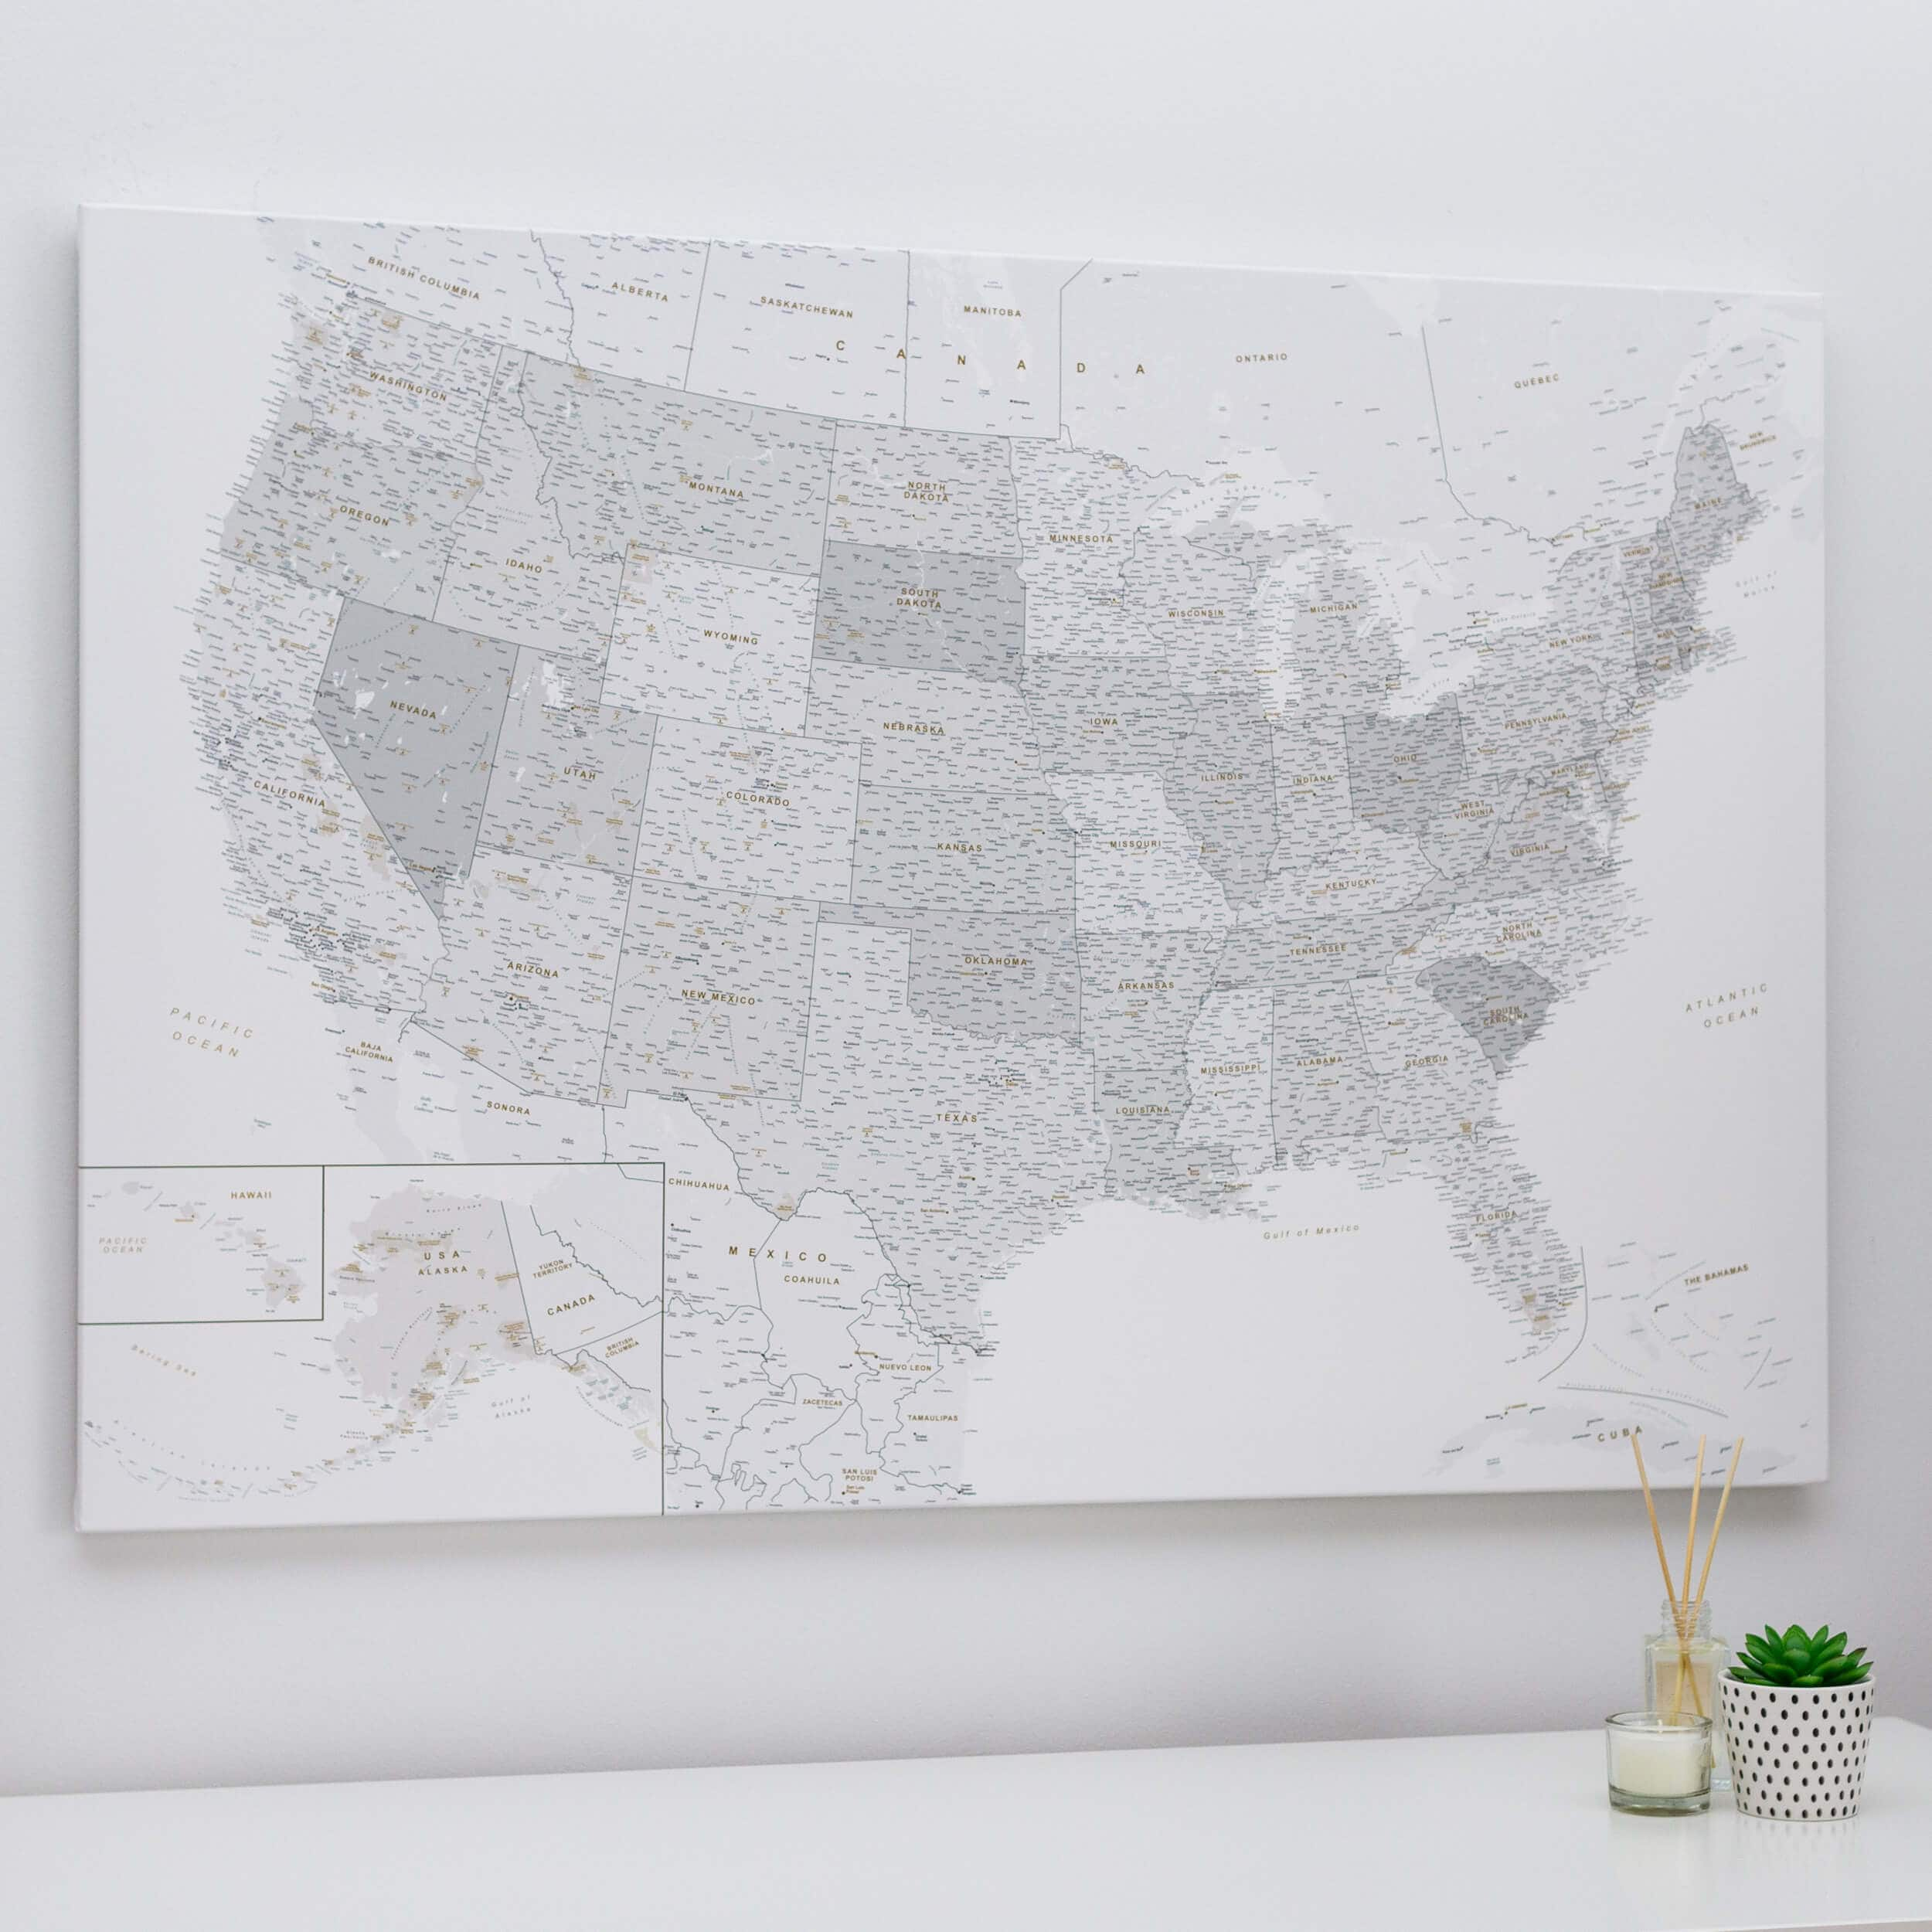 Personalized Us Traveler Map Push Pin USA Map   Grey & White (Detailed)   Push Pin Travel Maps